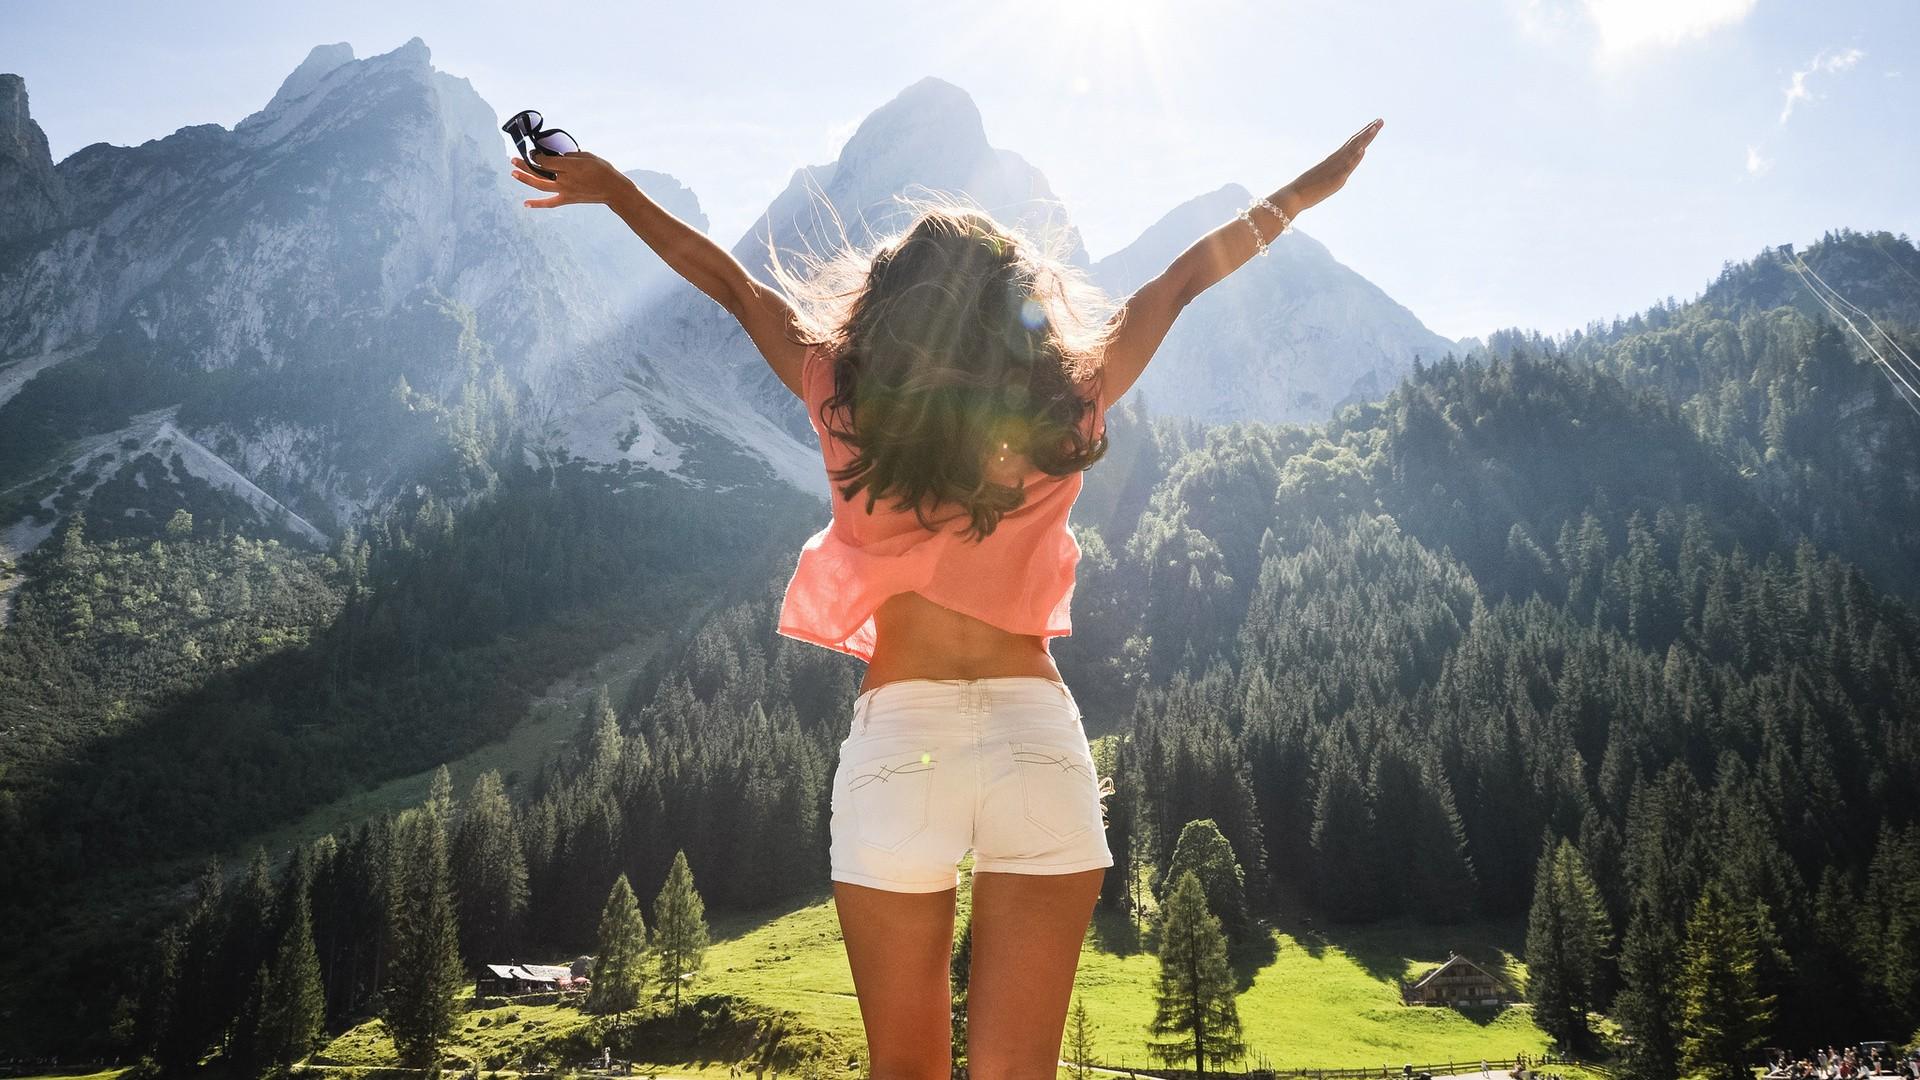 Wallpaper : sunlight, forest, mountains, women outdoors